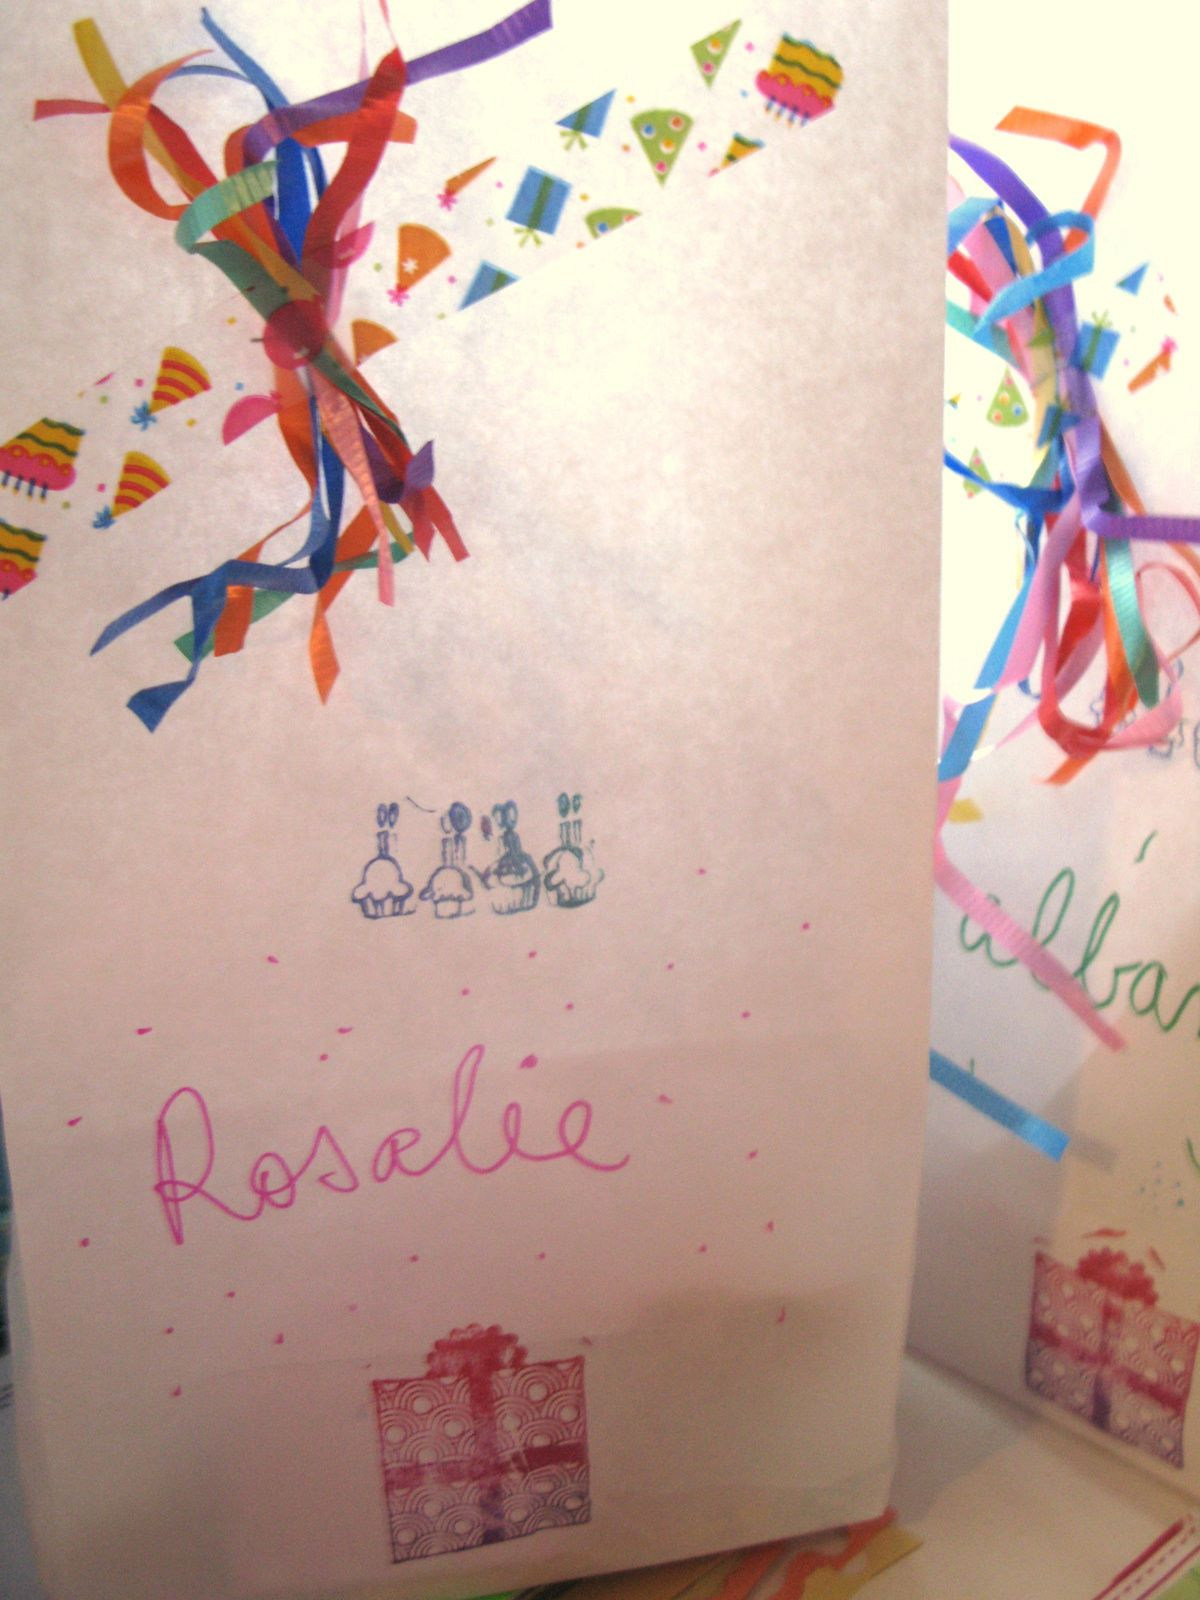 pochettes surprises pour fete d enfants comme anniversaire ou mariage